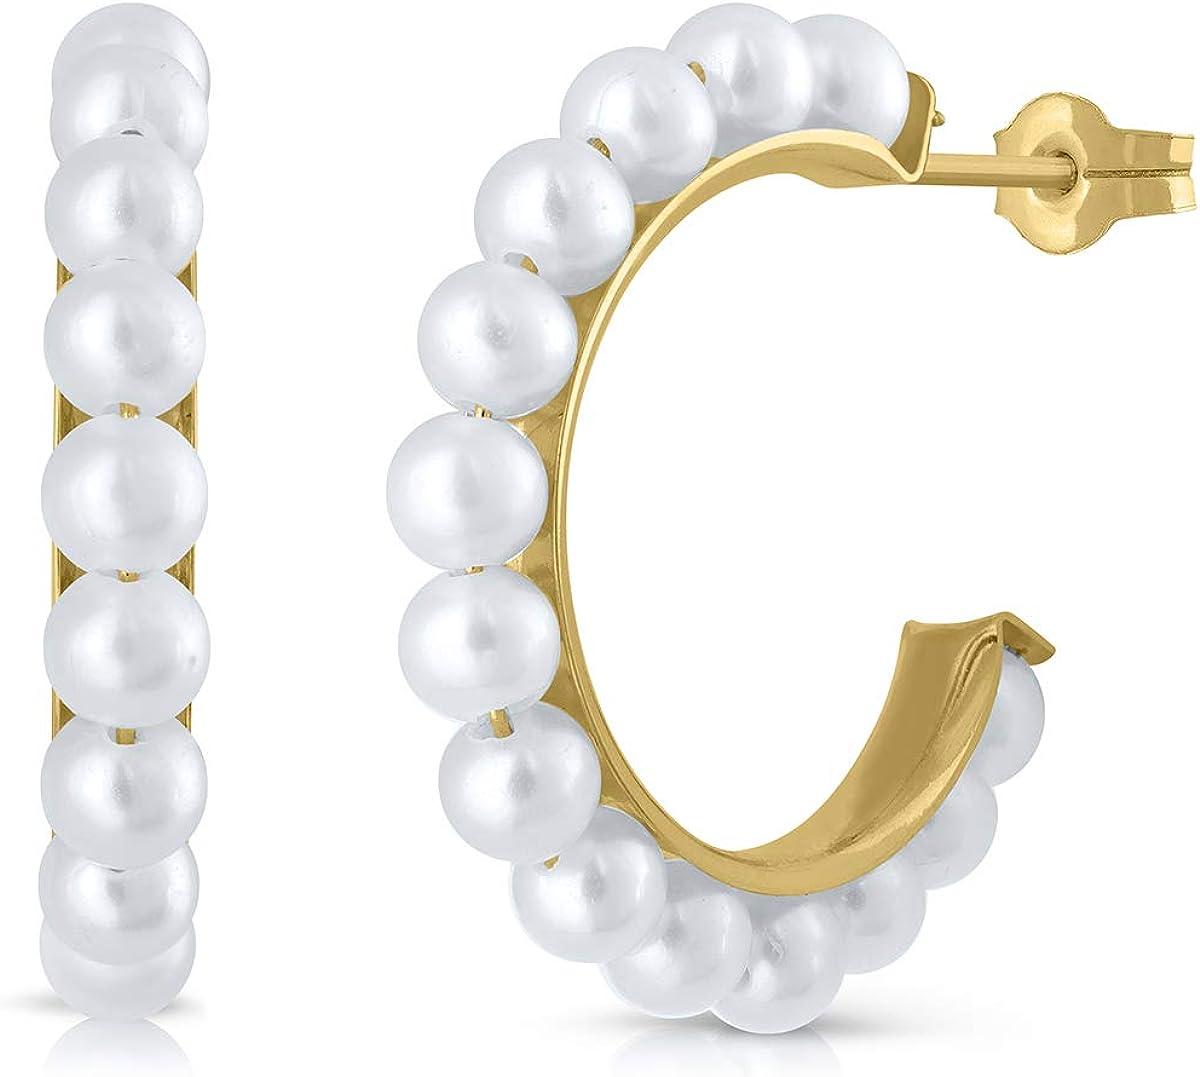 Pendientes oro 18k niña o mujer, aros argolla con perla cultivada de calidad, coral o turquesa. Medida de la joya 15 milímetros y cierre de presión, Elija su diseño preferido.